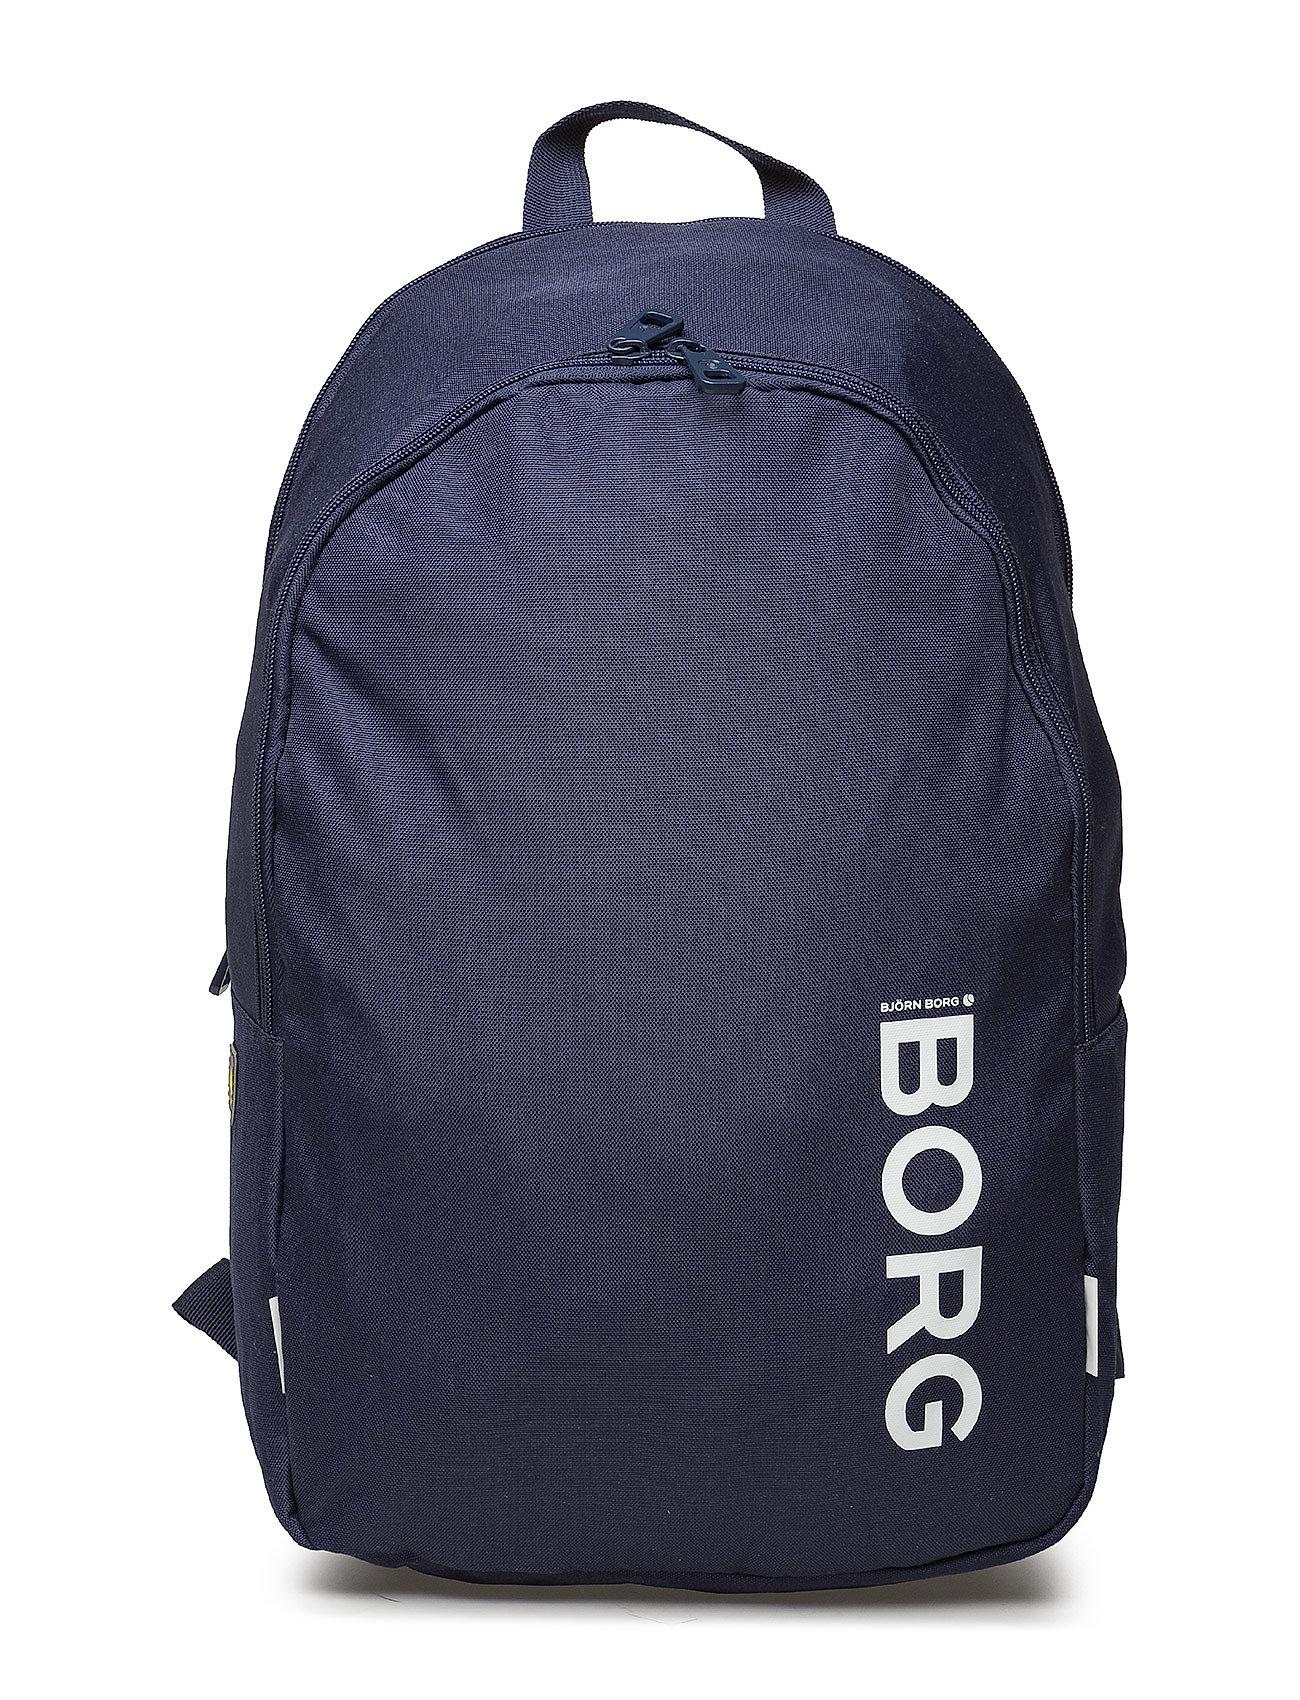 Björn Borg Bags Core7000 - NAVY